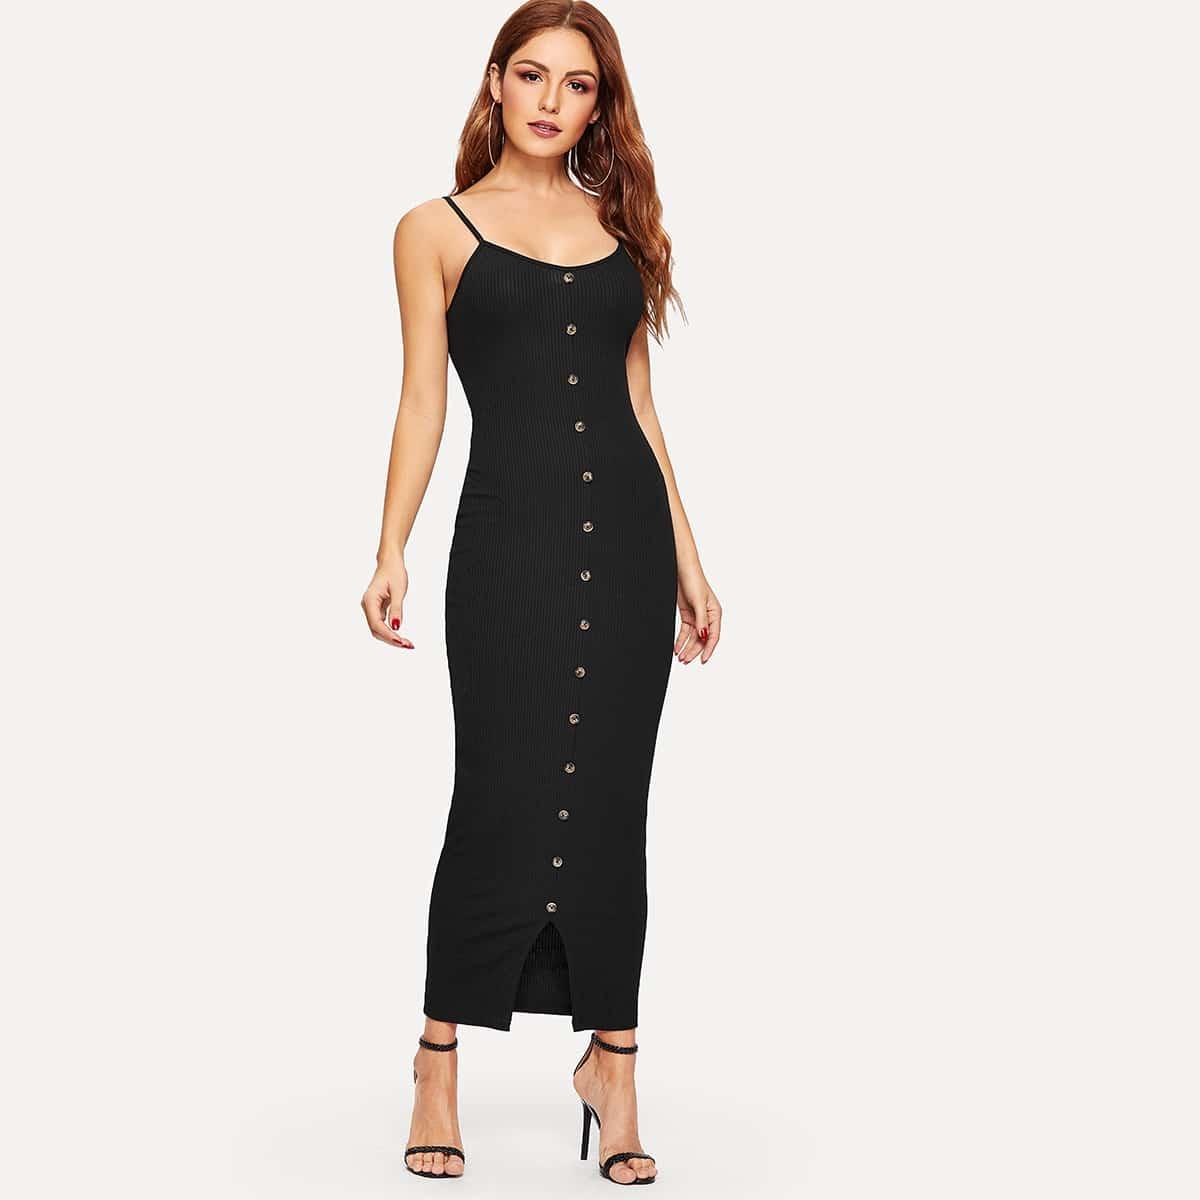 Вязаное облегающее платье с разрезом и пуговицами Image